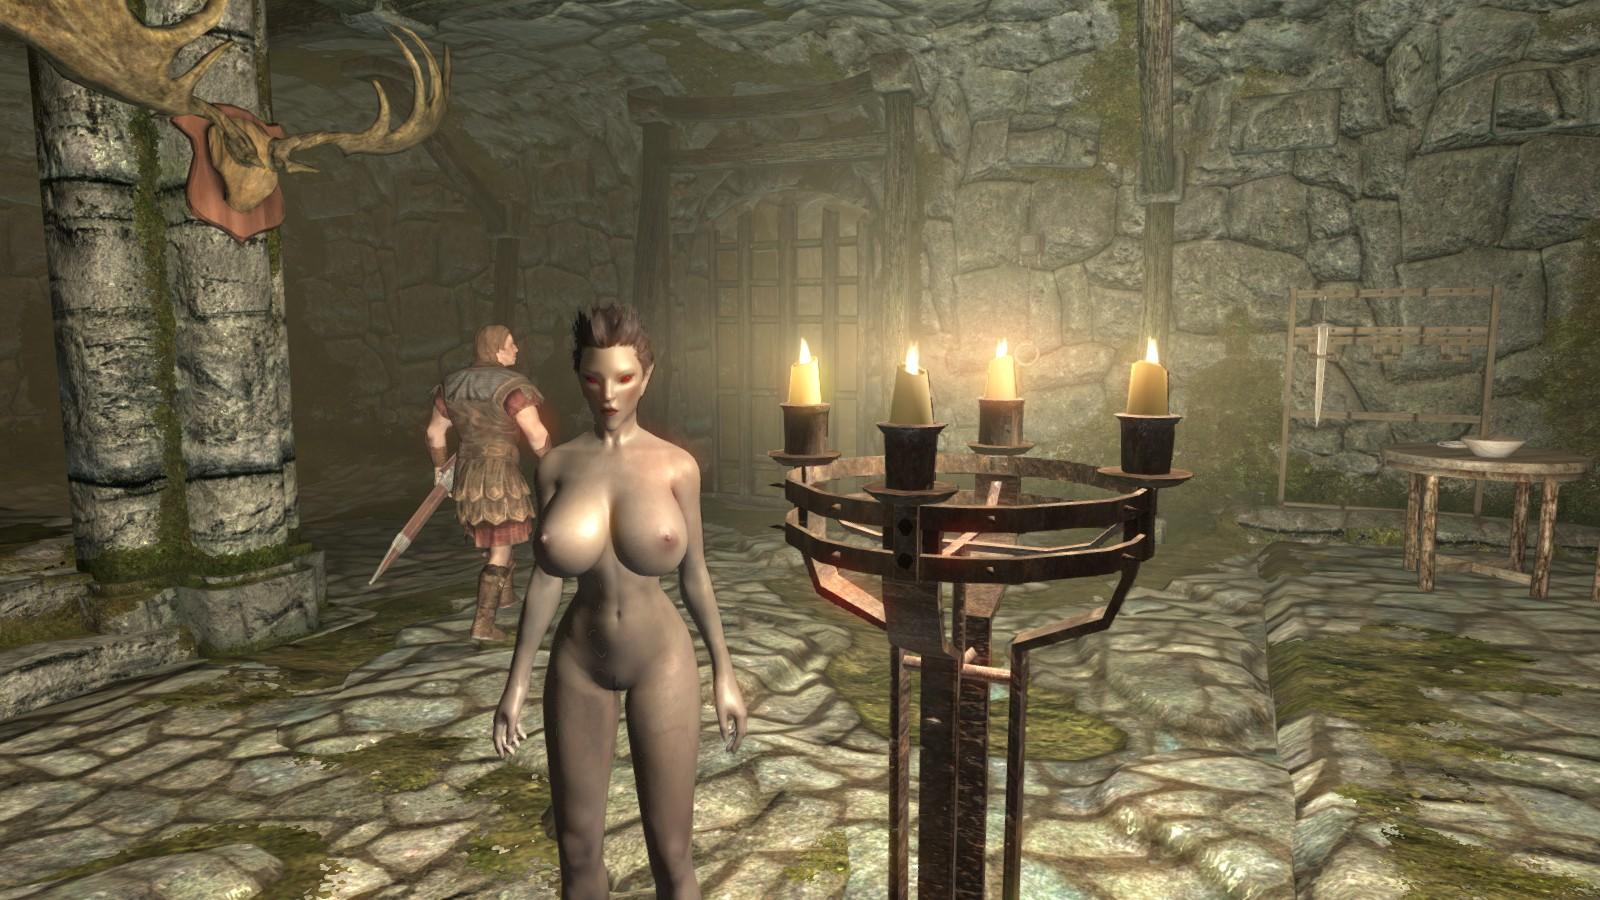 Sexy skyrim dark elf exposed pictures